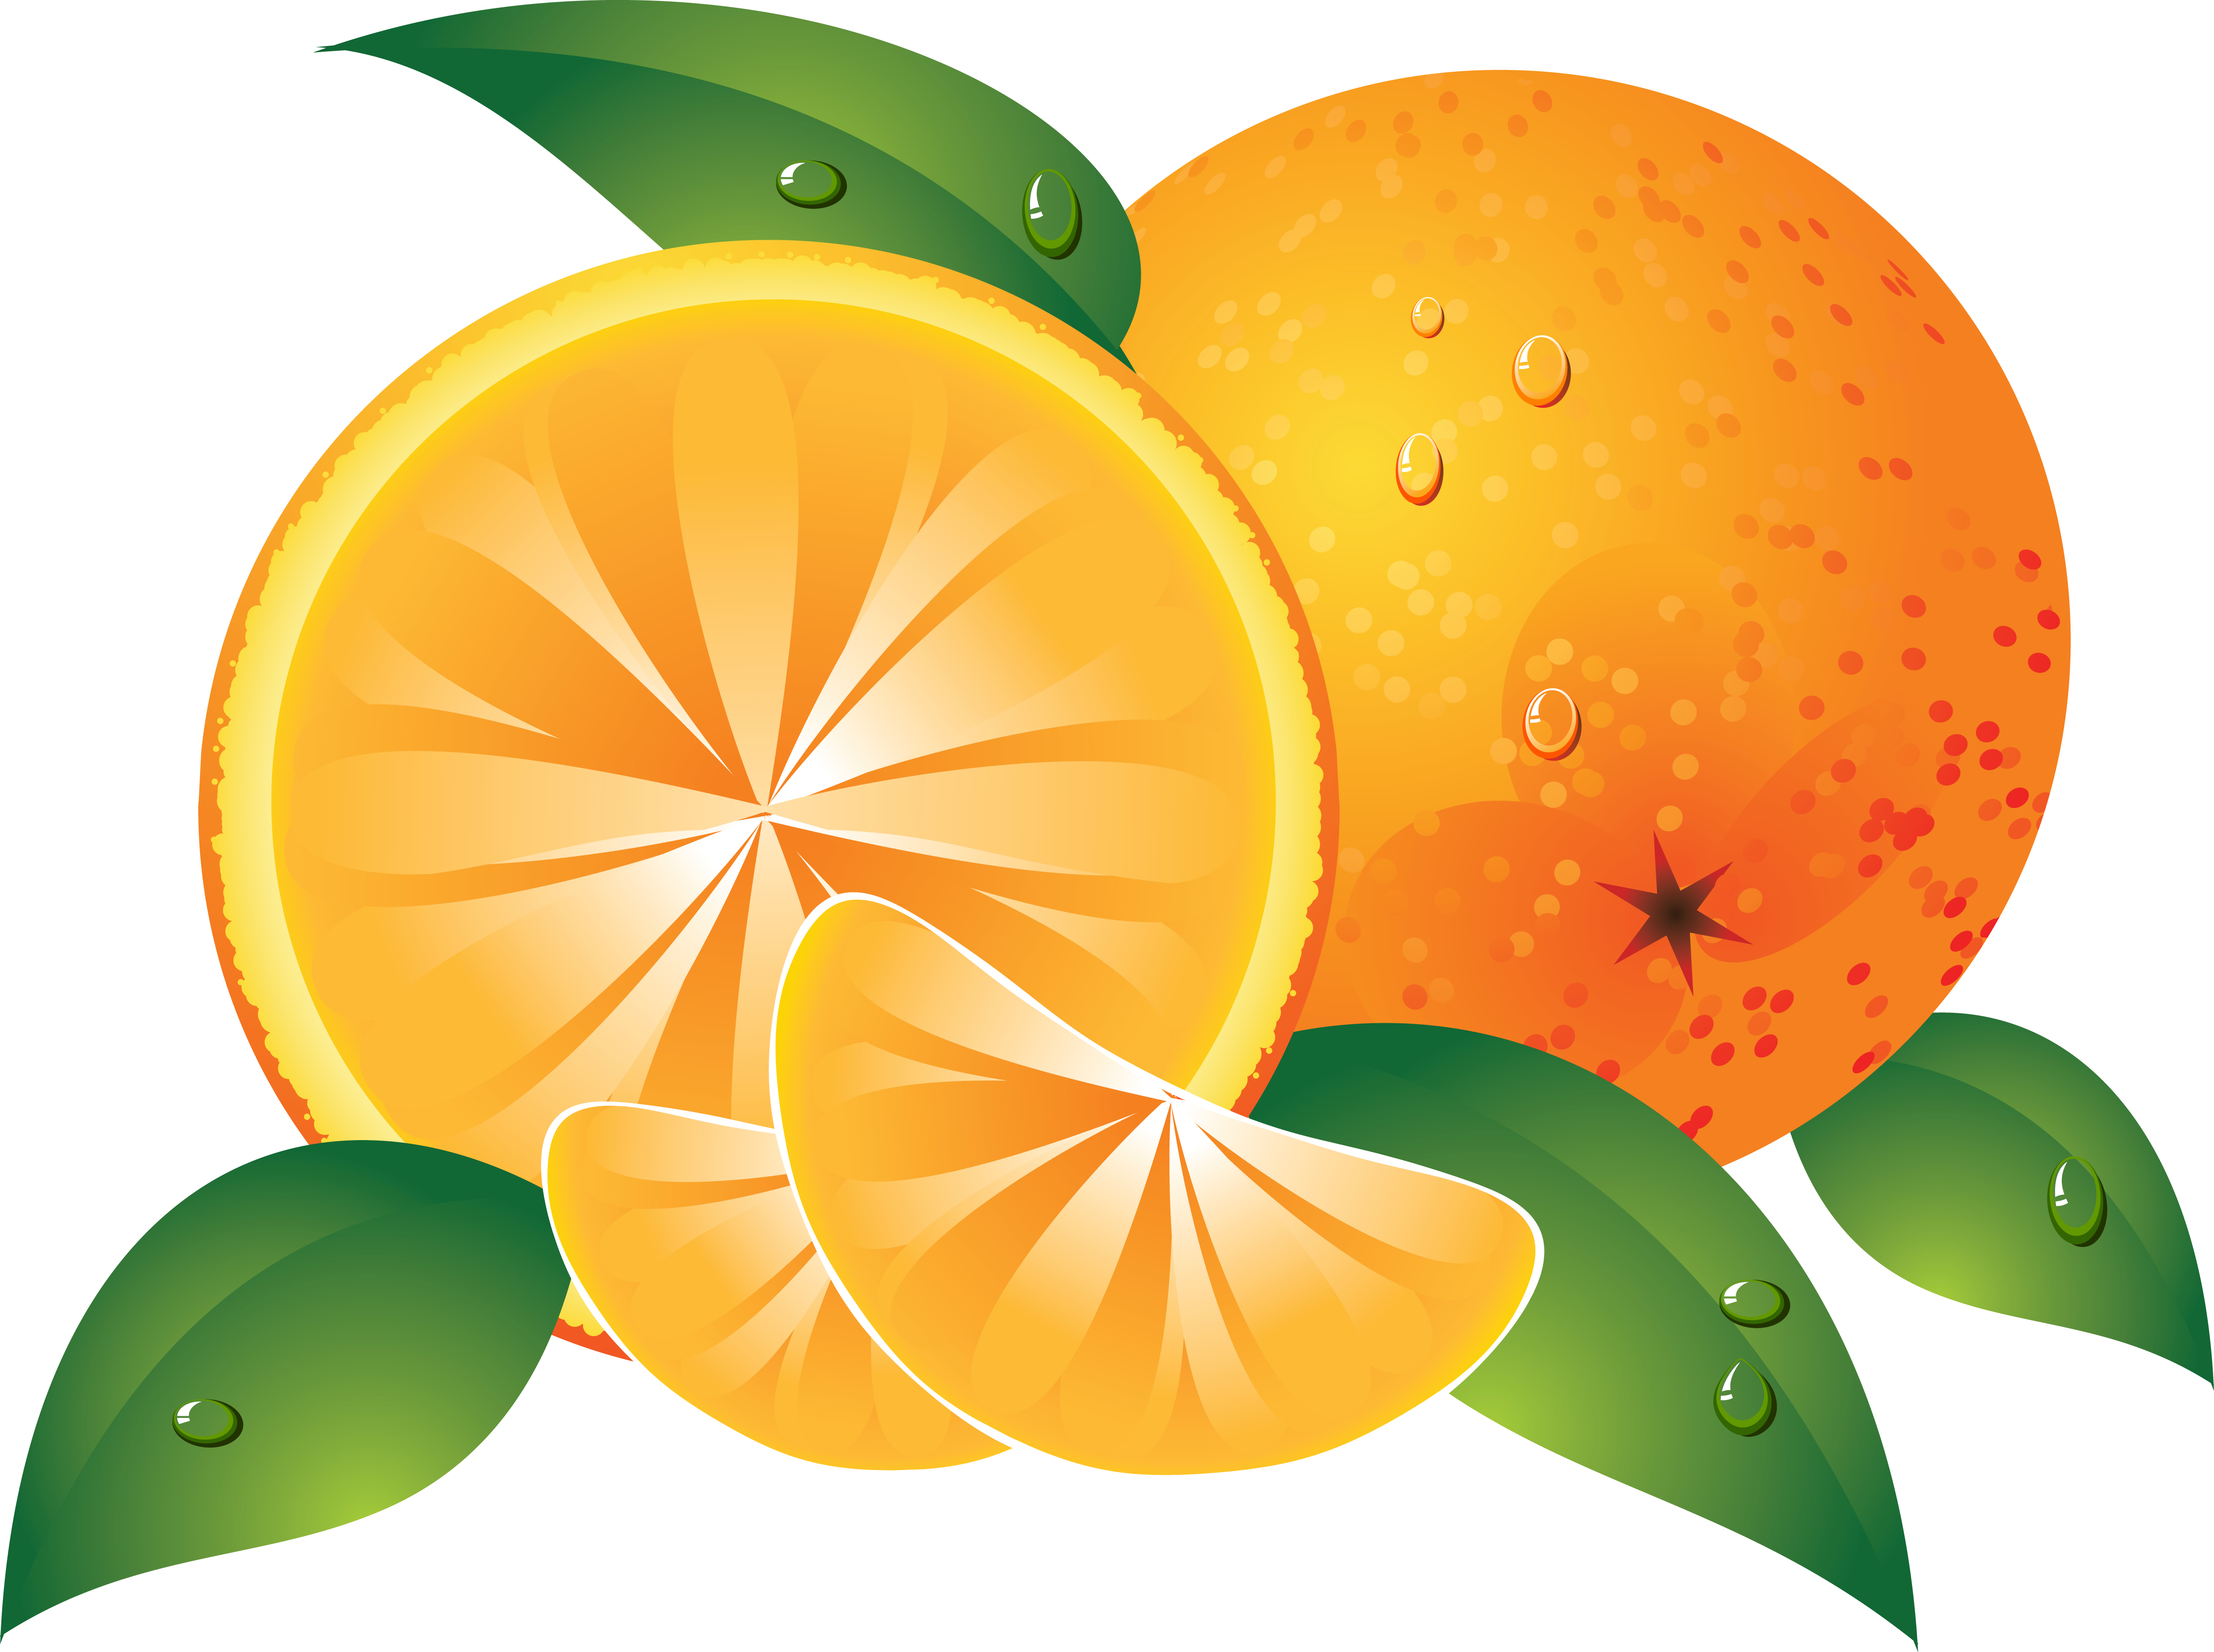 Клипарт, апельсины, фото, обои для рабочего стола